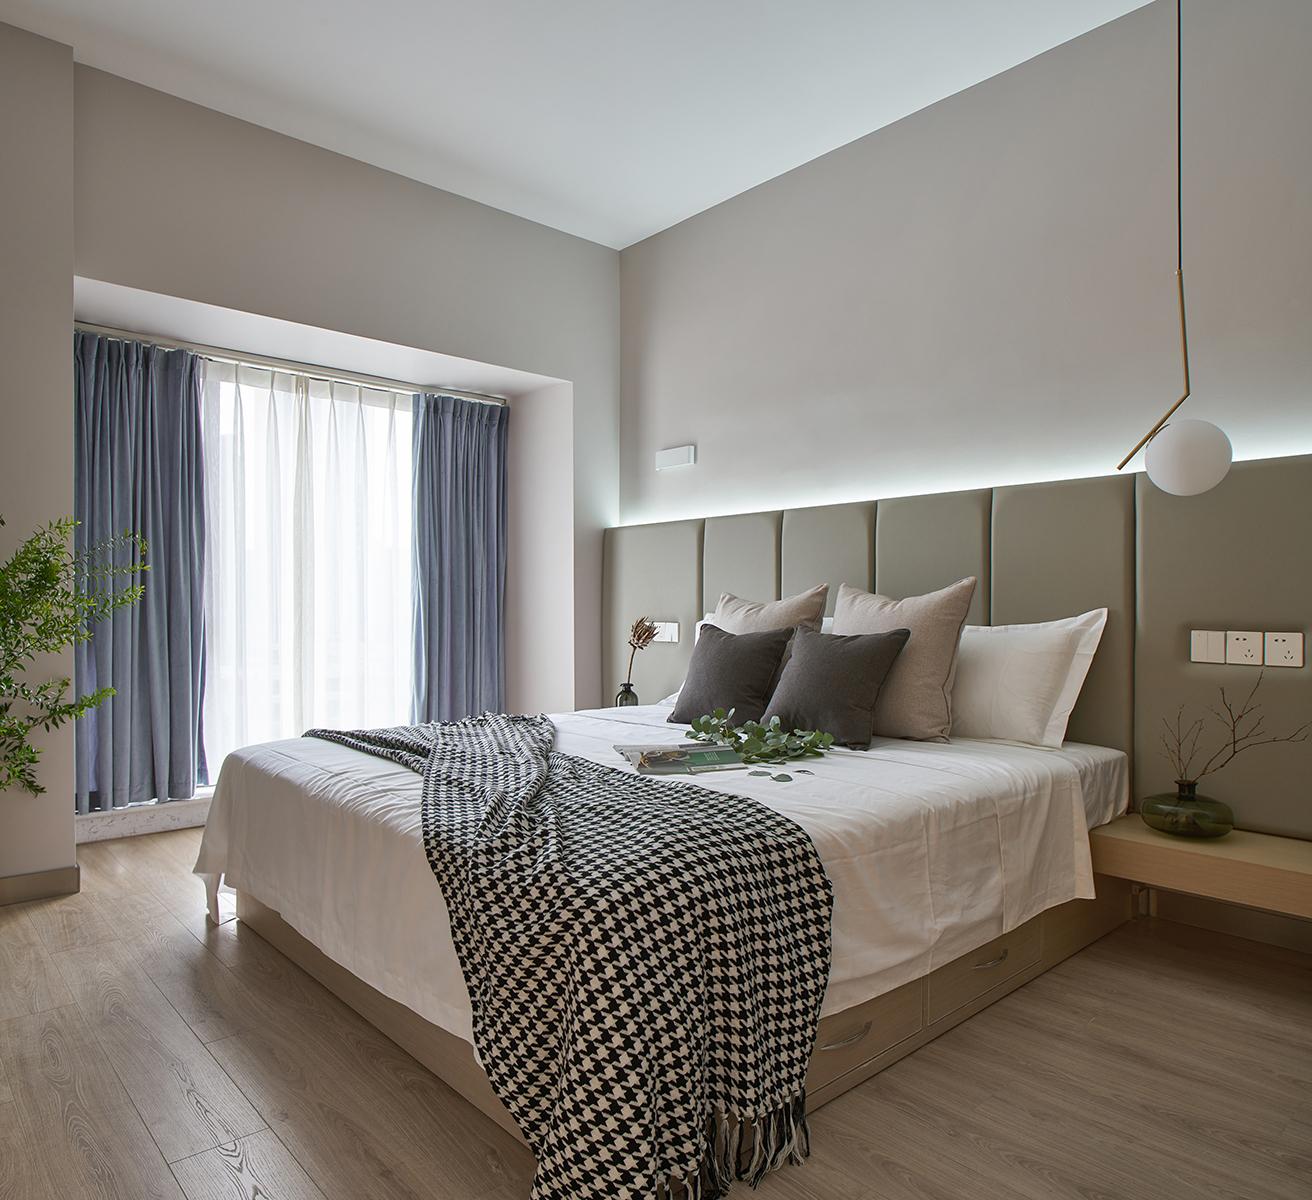 简约 三居 小资 卧室图片来自尚舍设计在归蜀的分享